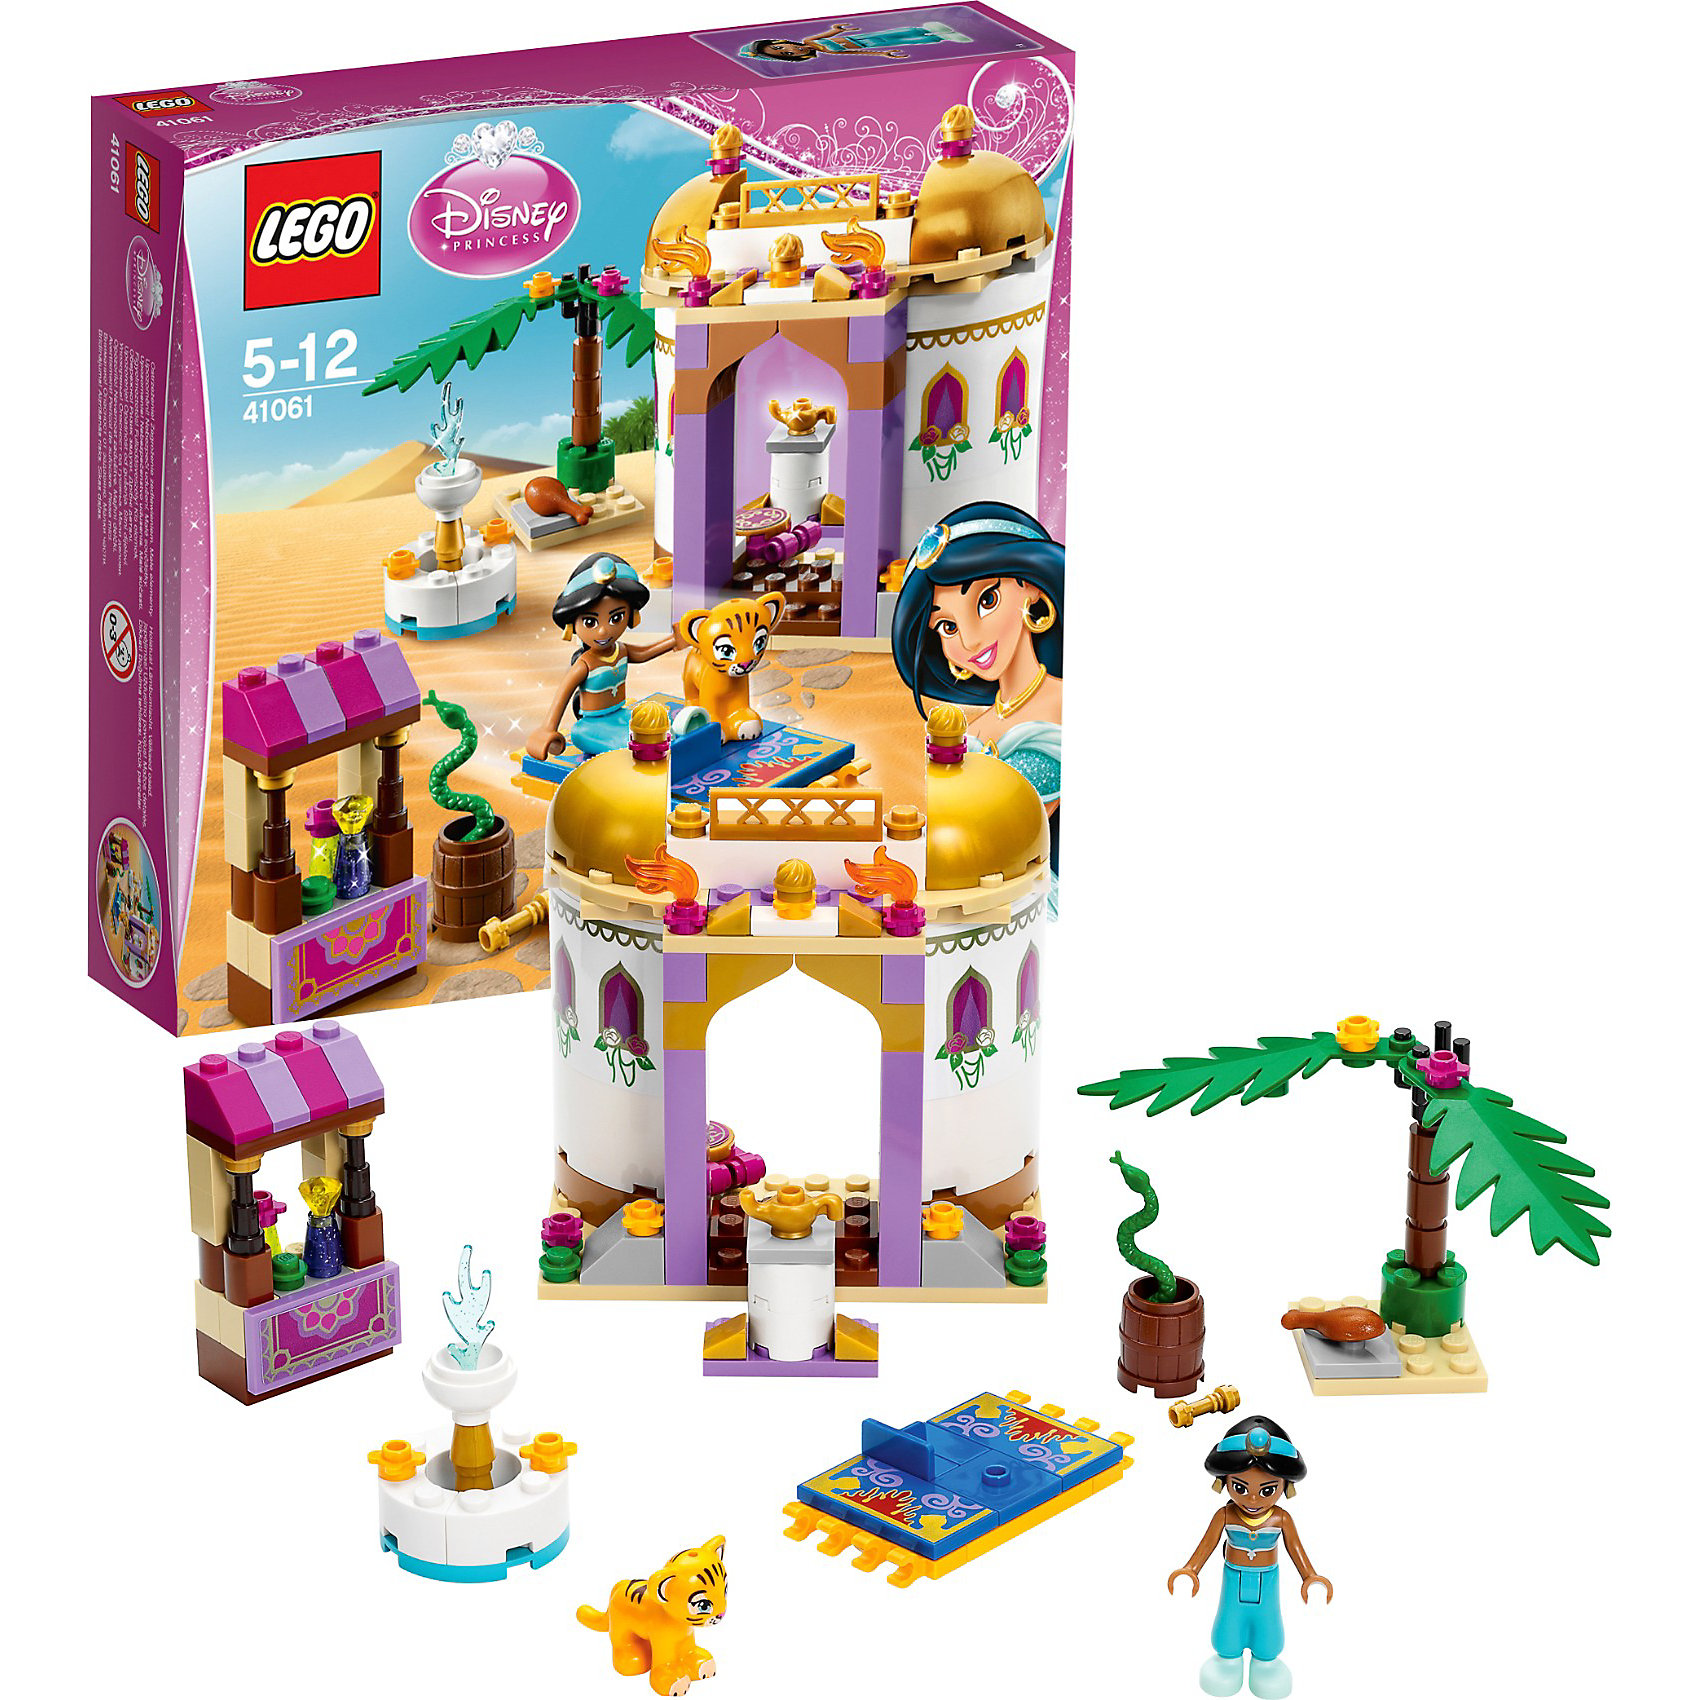 LEGO LEGO Disney Princesses 41061: Экзотический дворец Жасмин конструктор lego disney princesses экзотический дворец жасмин 41061